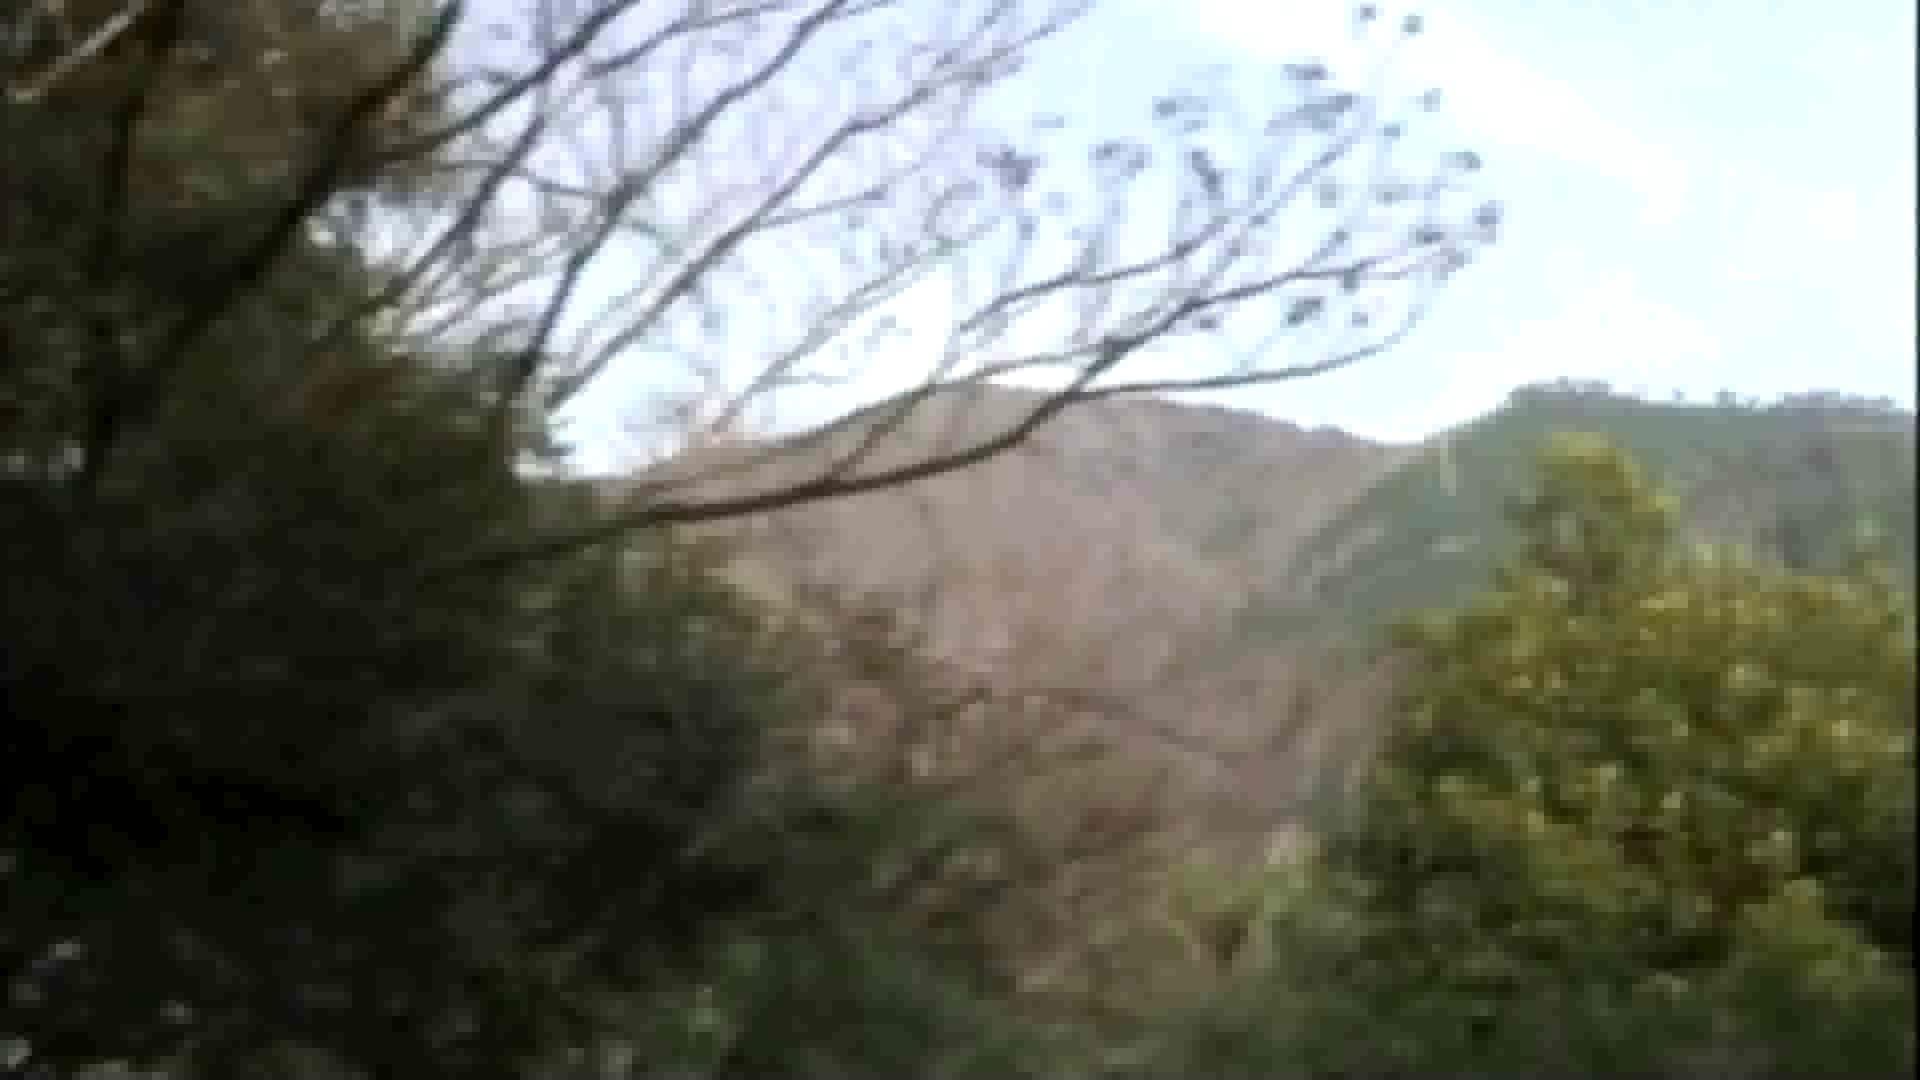 イケメン愛の湯けむり旅行!!02 アナル責め ゲイ発射もろ画像 69枚 4